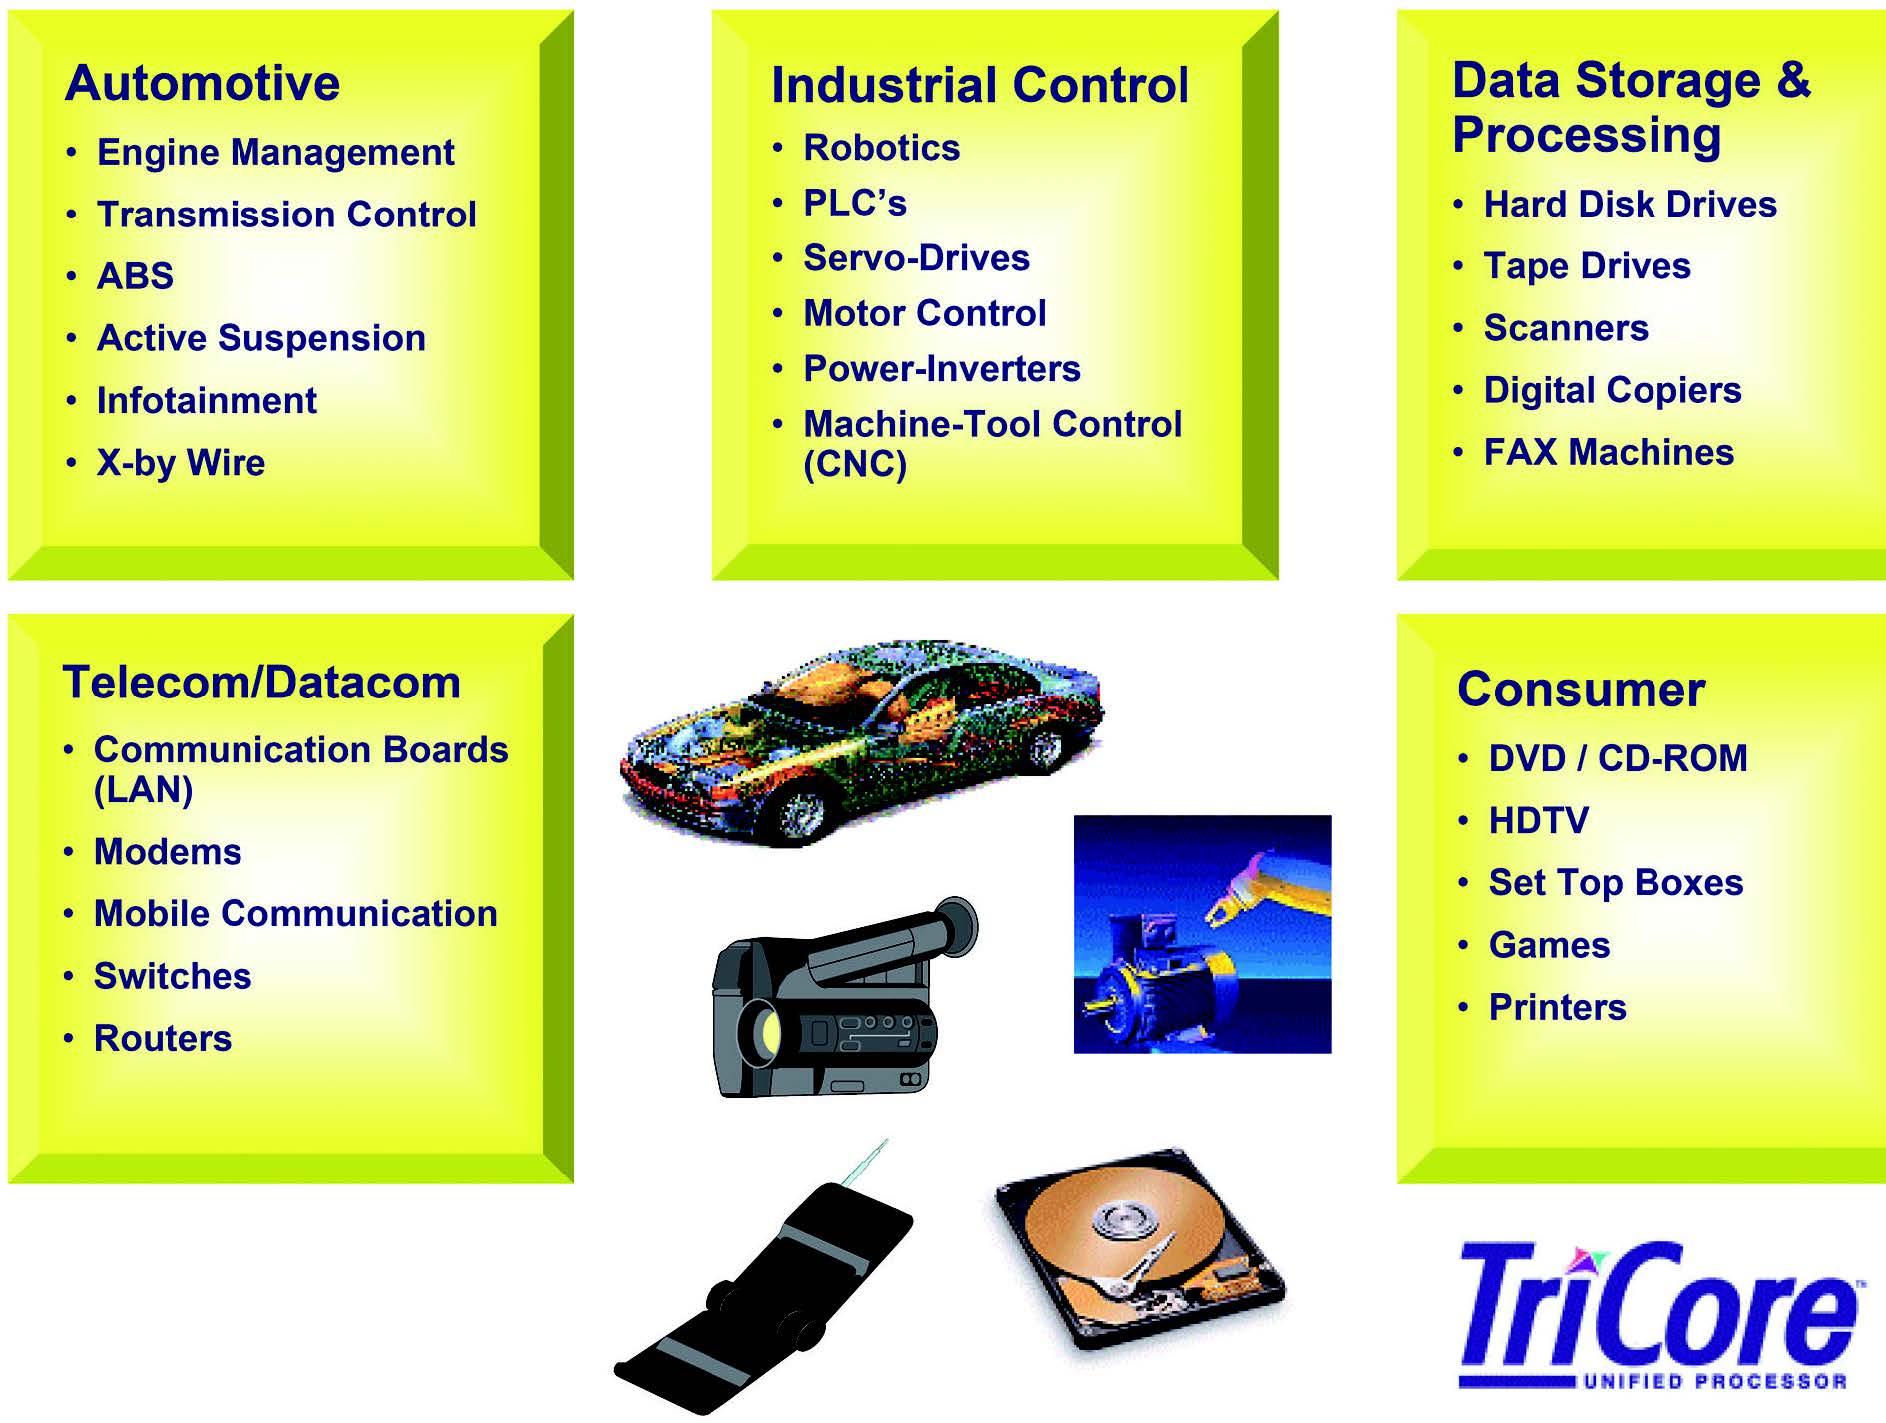 Figura 1: i campi di applicazioni del processori AUDO sono svariati. Automotive, controllo industriale, elaborazione ed memorizzazione dei dati, telecom/datacom, consumer sono solo alcuni esempi.